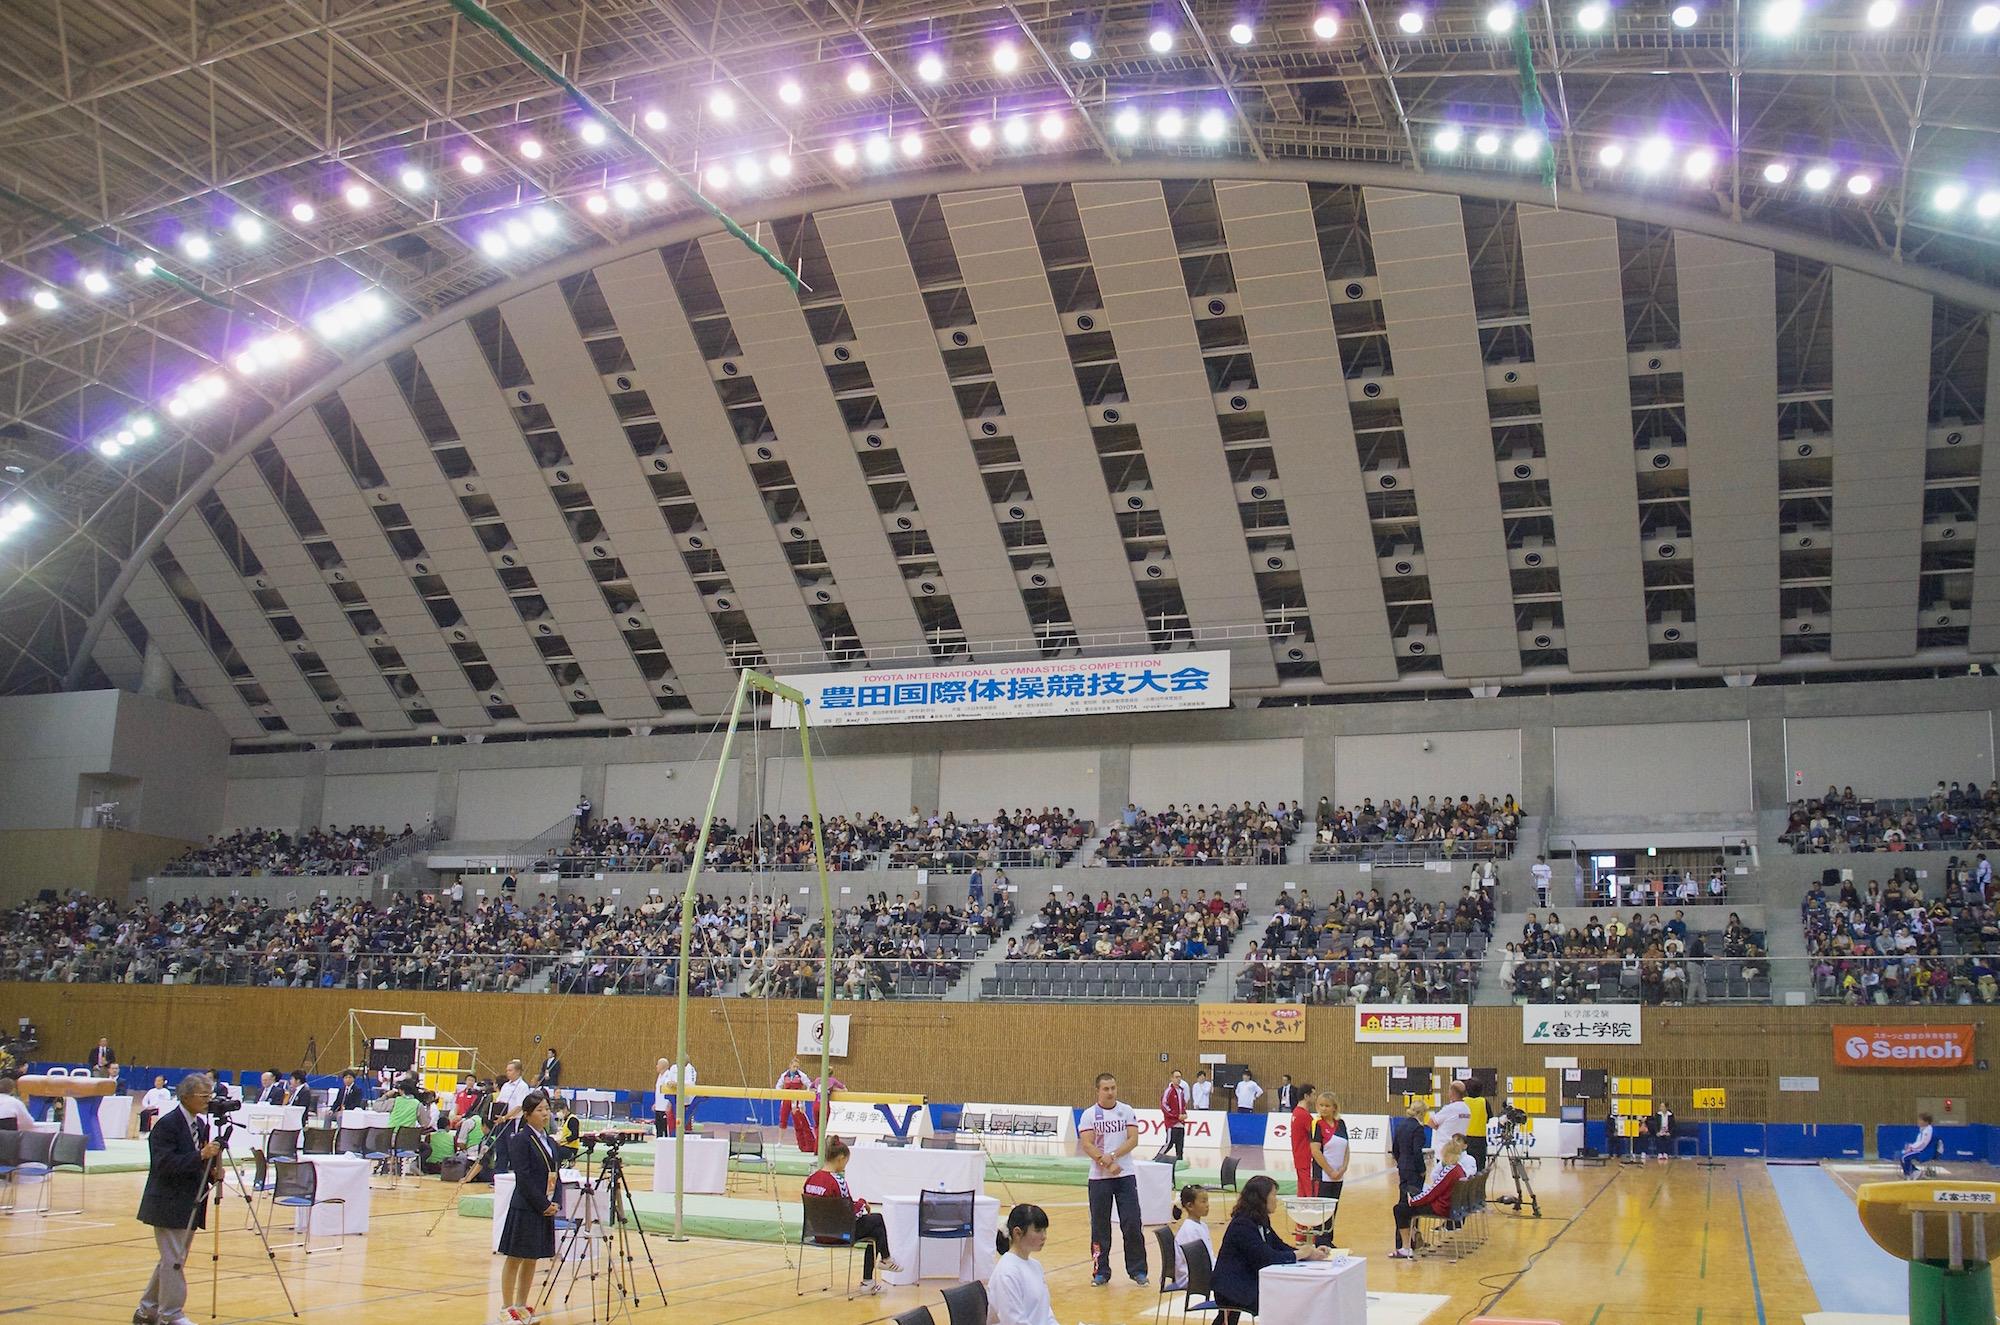 世界選手権の代表選手が出場するとあって、会場はファンで埋まった